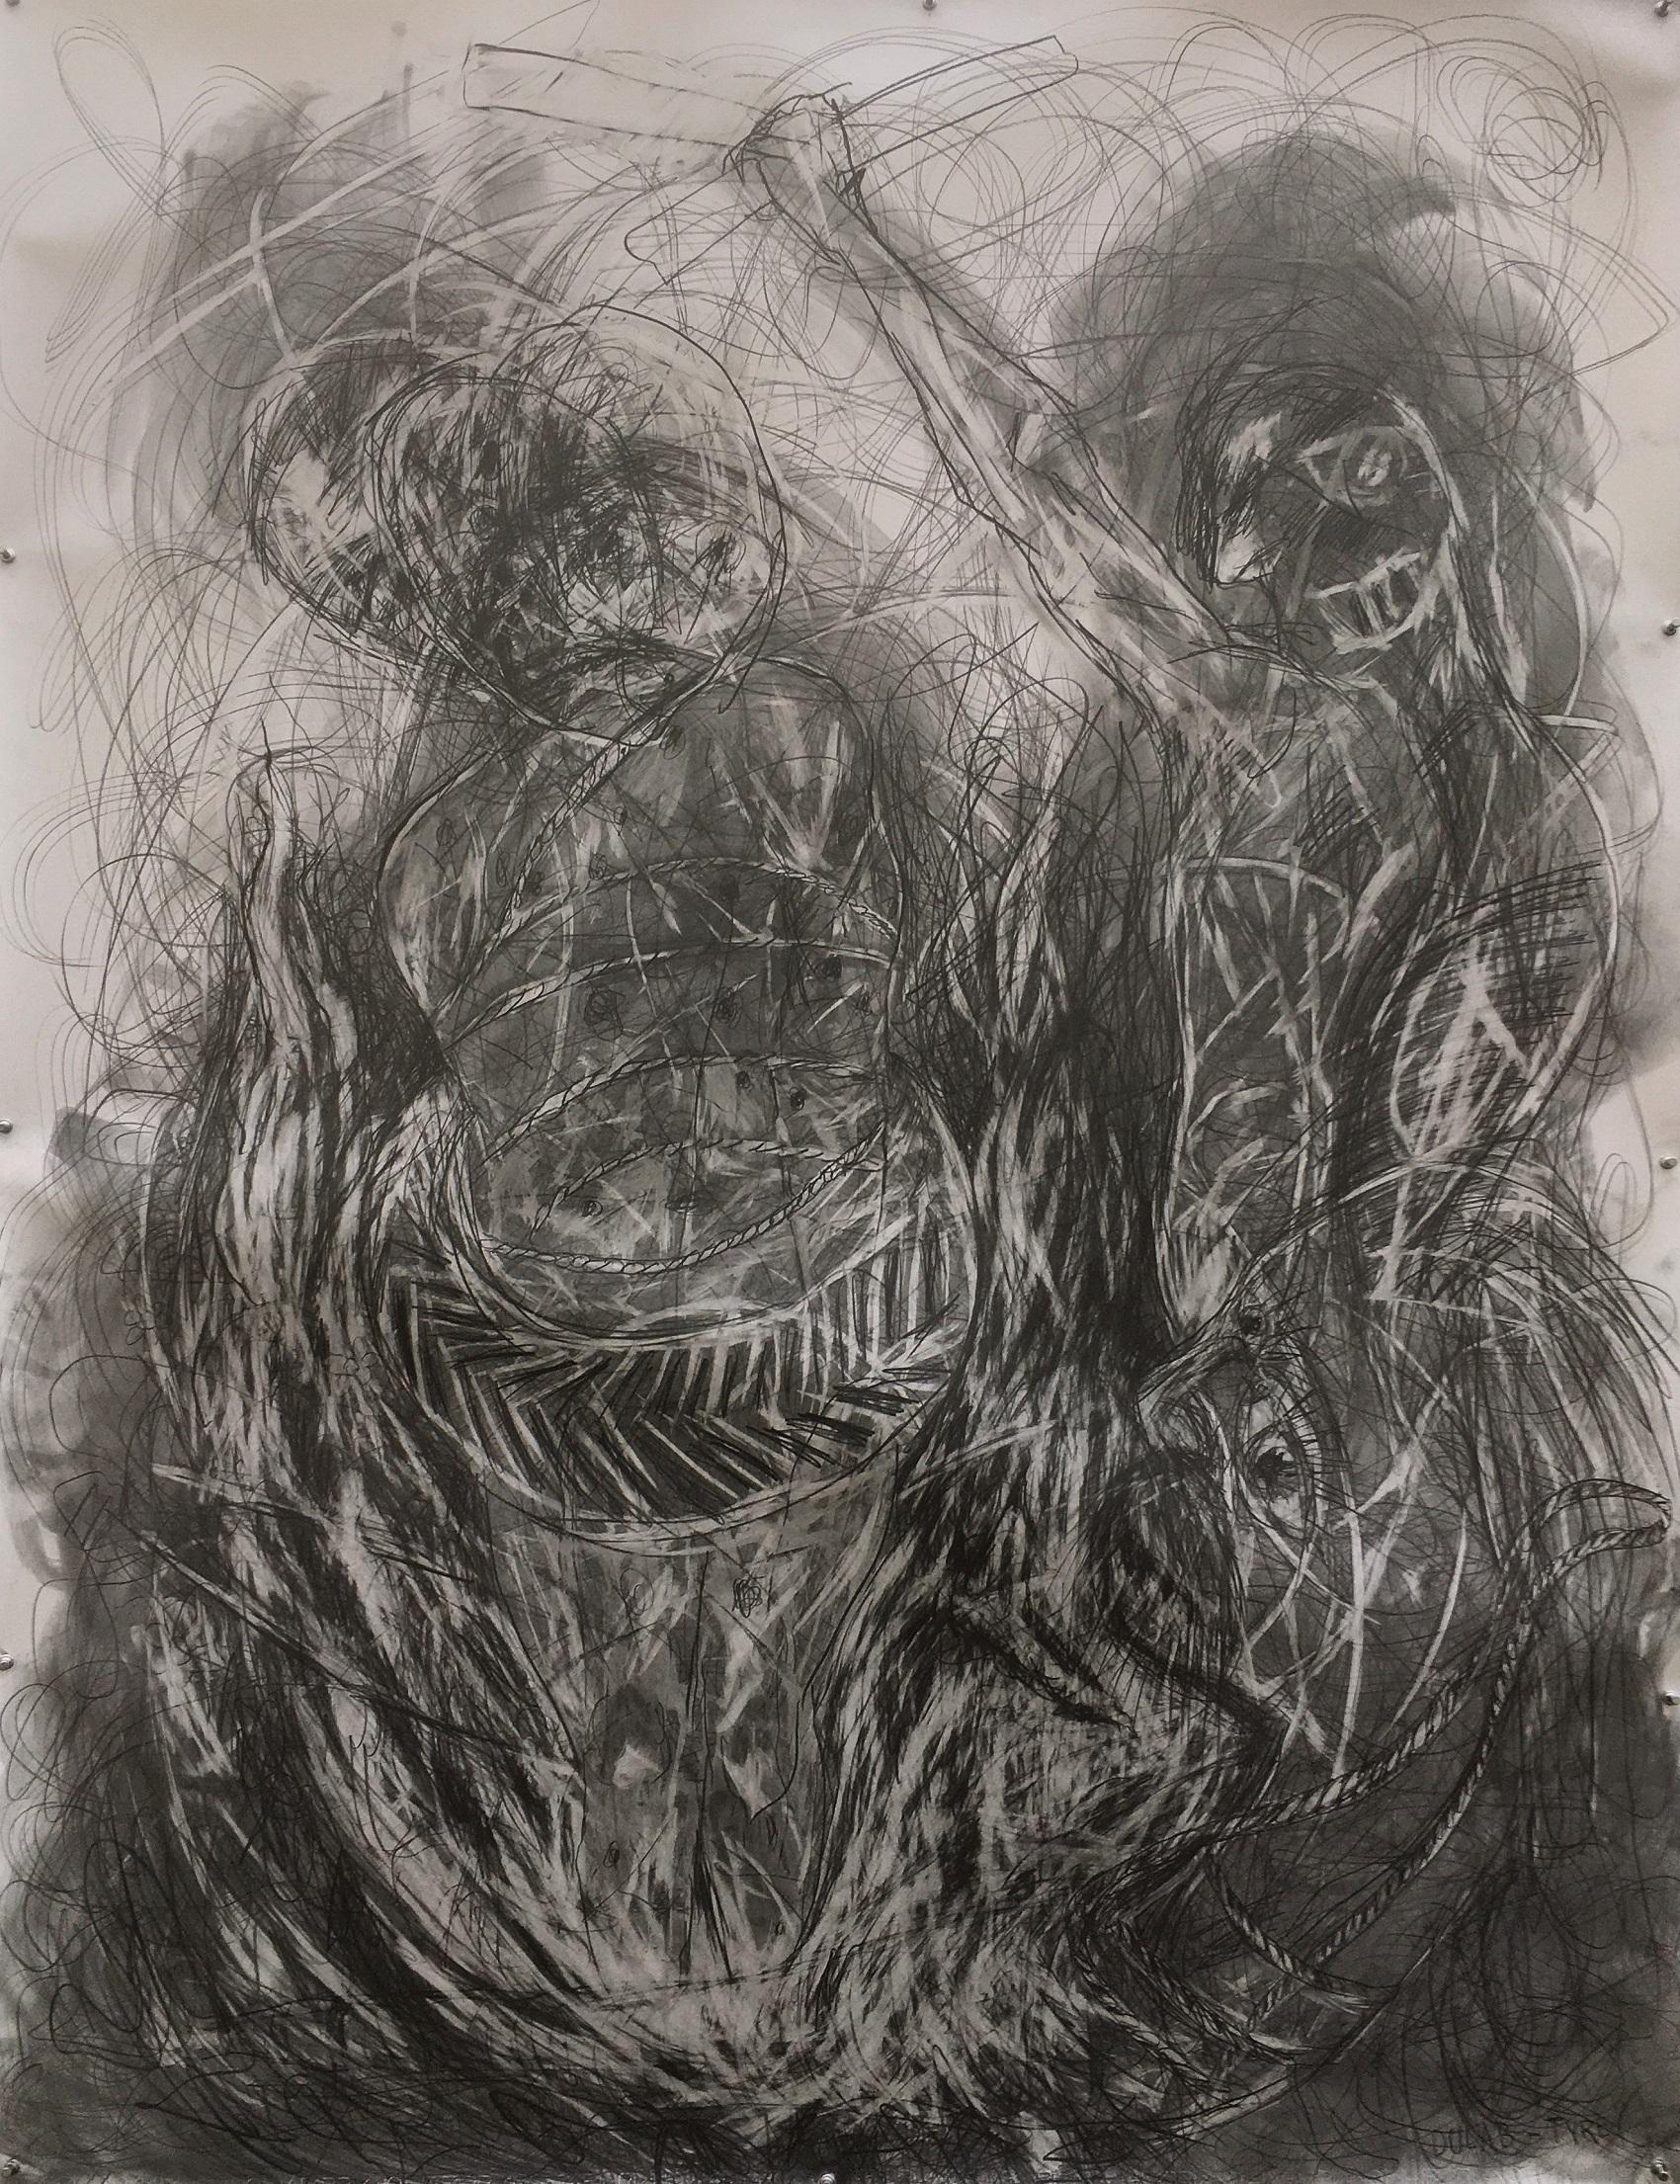 """Ilkka Sariola, """"Dulab - Rengas"""", sarjasta Dies Irae Drawings, lyijykynä ja grafiitti paperille, 115 x 150 cm, 2020"""